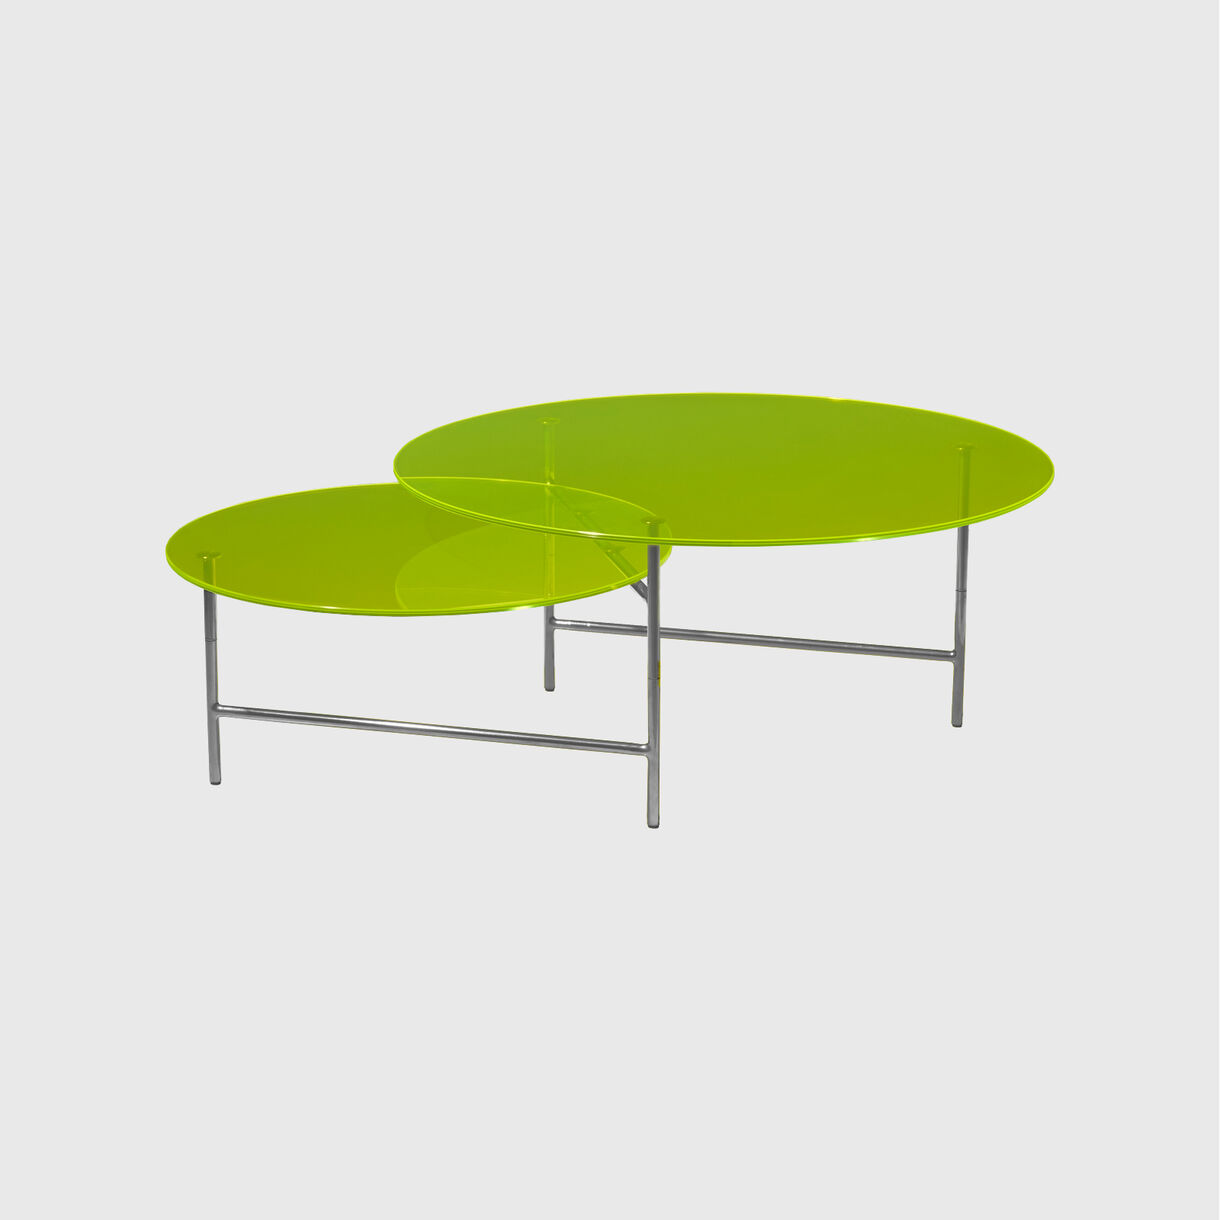 Zorro Coffee Table, Yellow Glass